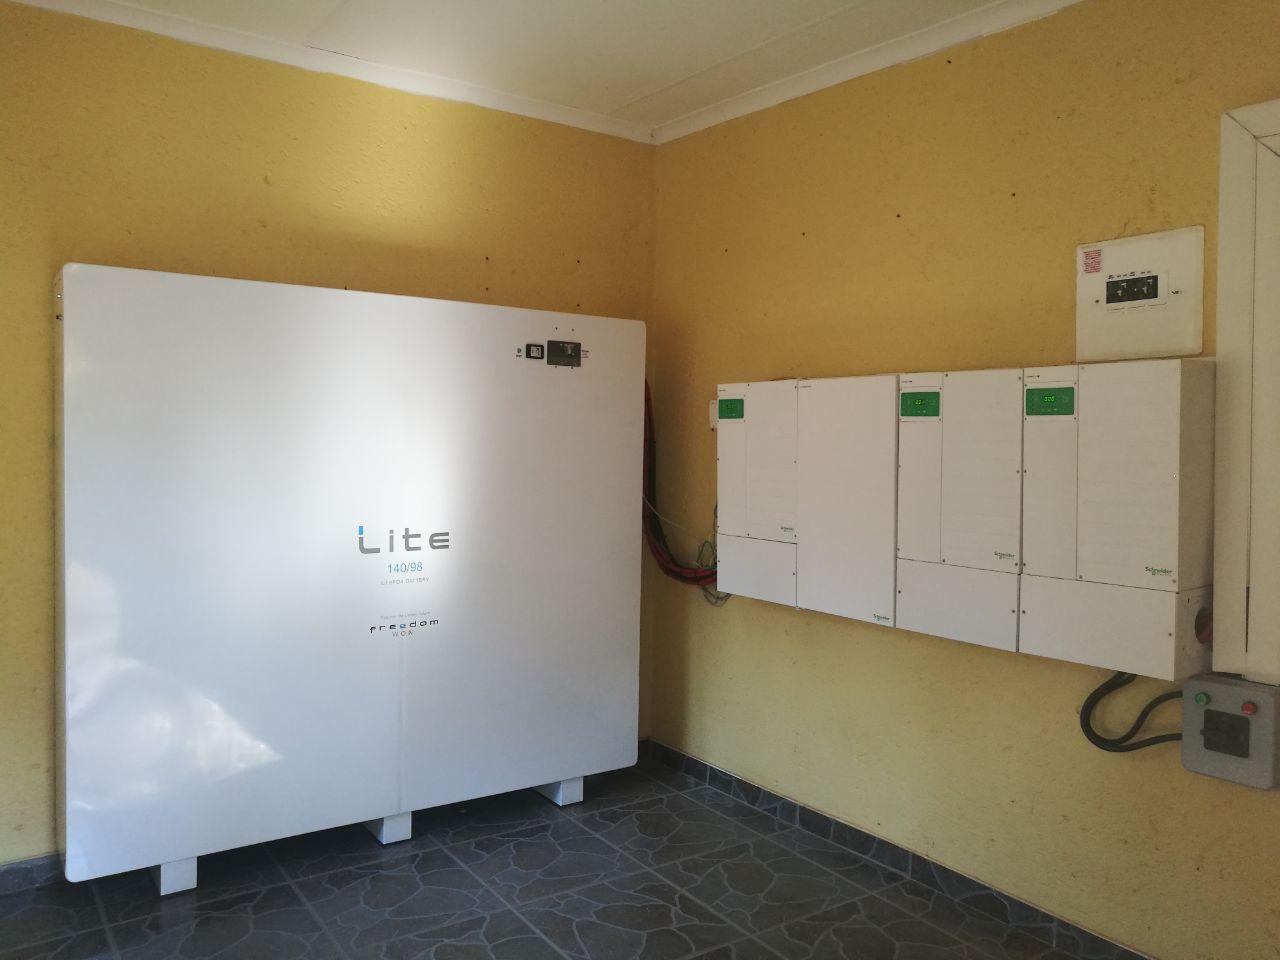 Lite 140-98 Installation with Schneider System